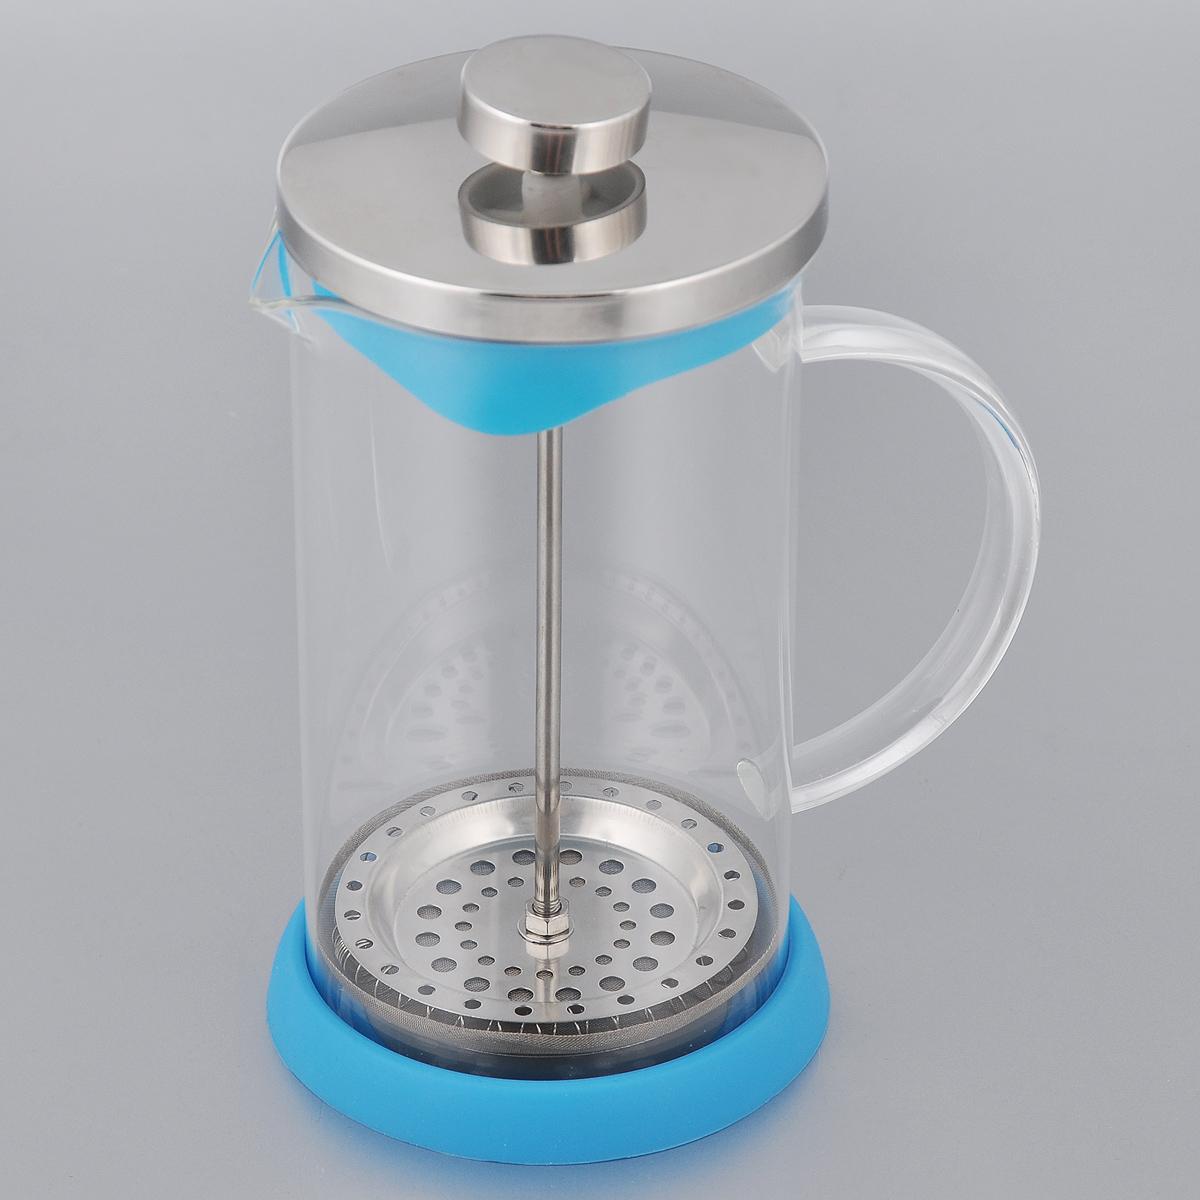 Френч-пресс Apollo Olimpique, цвет: бирюзовый, 600 млOLM-600_бирюзовыйФренч-пресс Apollo Olimpique выполнен из нержавеющей стали и предназначен для заваривания чая, кофе или травяных напитков. Корпус изготовлен из высококачественного жаропрочного стекла, устойчивого к окрашиванию, царапинам и термошоку. Френч-пресс имеет металлический сетчатый фильтр с загнутыми краями, который обеспечивает высокое качество фильтрации напитка. Ручка из пищевого пластика не нагревается и безопасна в использовании. Яркая подставка из силикона препятствует скольжению чайника. Эстетичный и функциональный чайник будет оригинально смотреться в любом интерьере. Нельзя мыть в посудомоечной машине. Высота (с учетом крышки): 18 см. Диаметр колбы по верхнему краю: 9 см. Высота стенки колбы: 15,5 см. Объем: 600 мл.